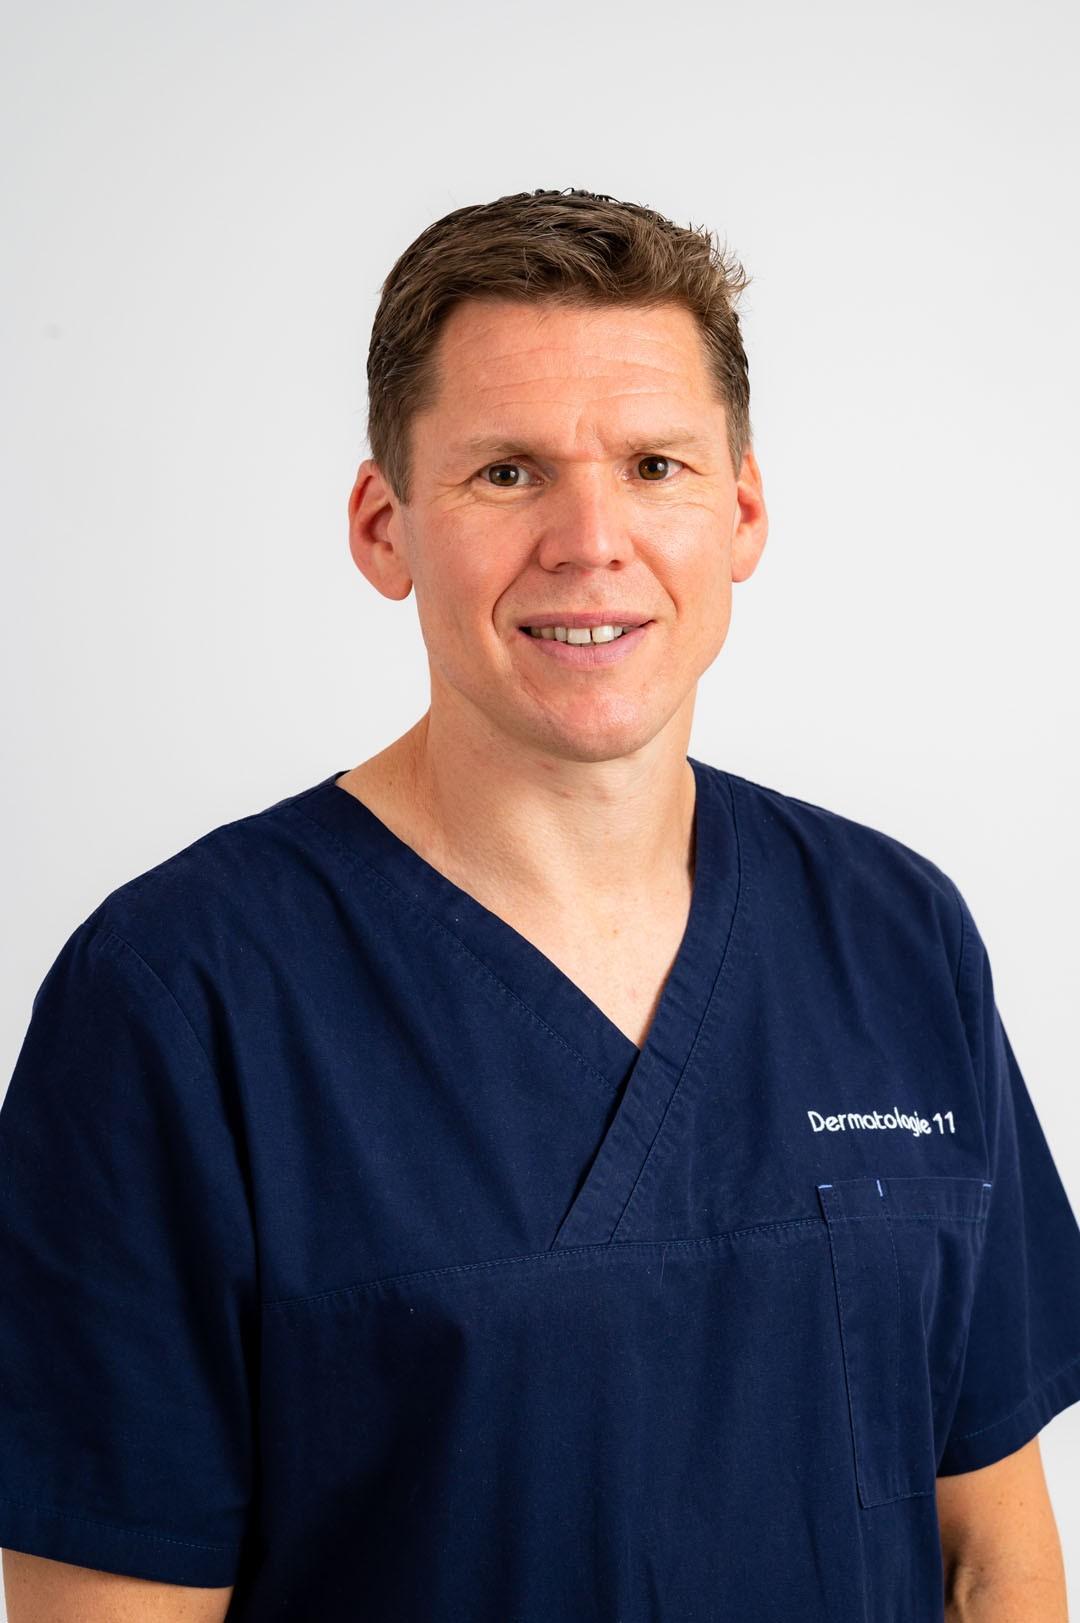 Dr. Clemens Kauer Dermatologie 11